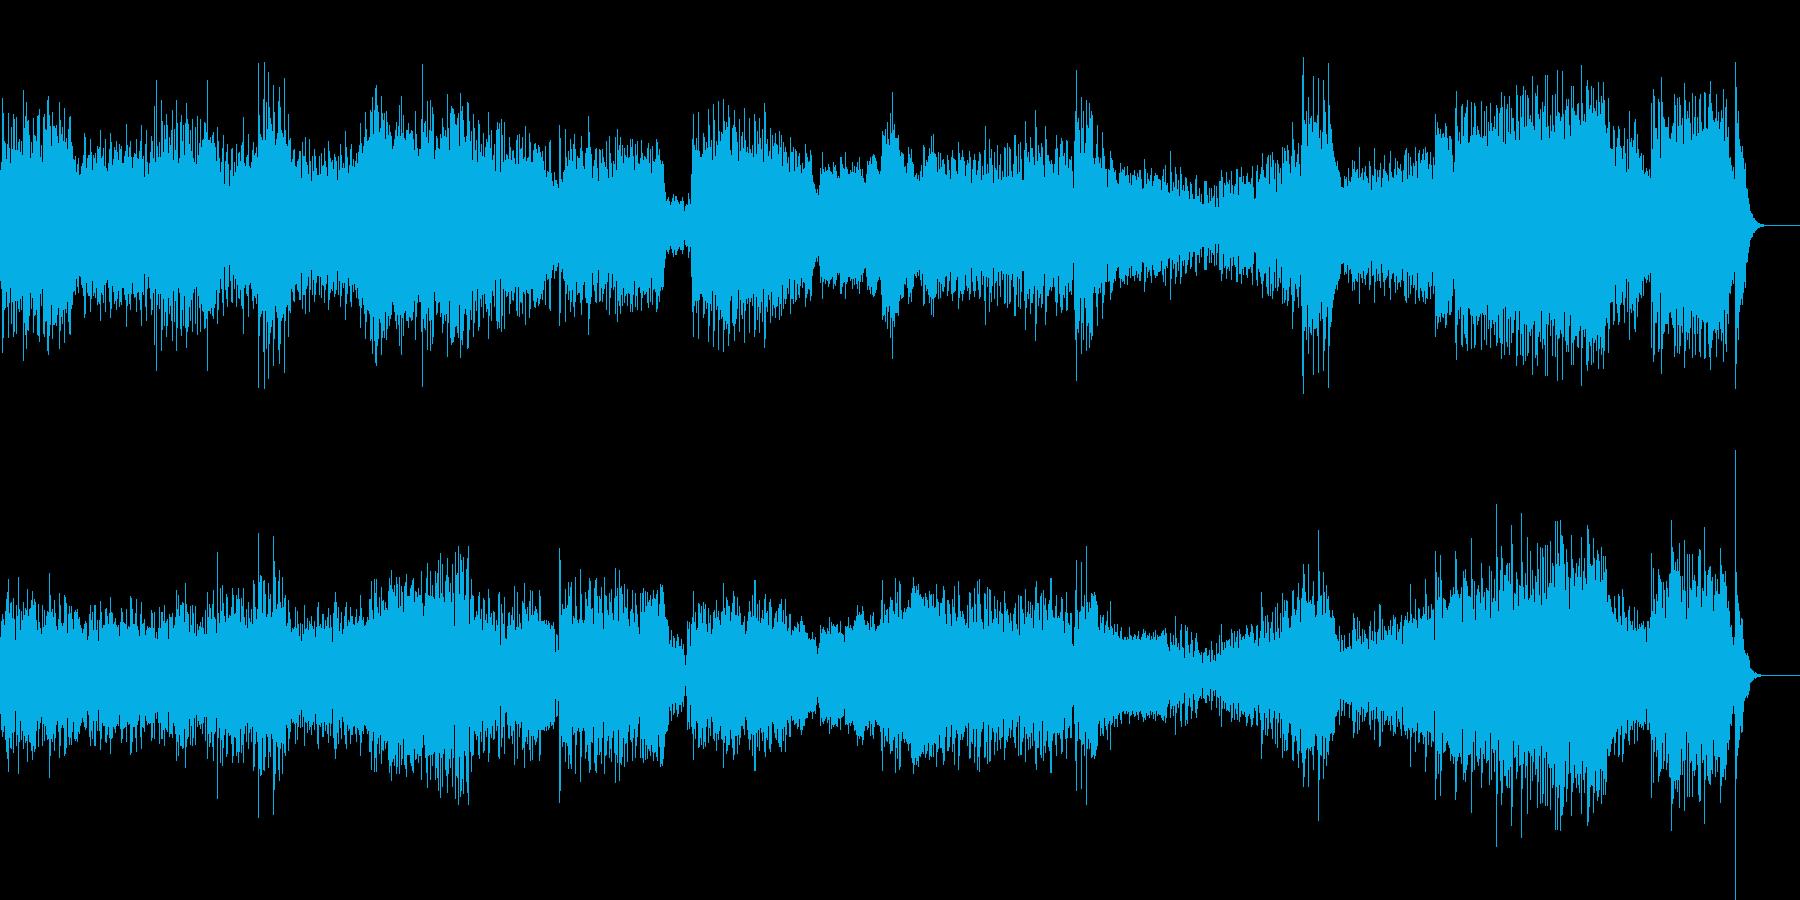 ブルックグリーン組曲より第三楽章ダンスの再生済みの波形